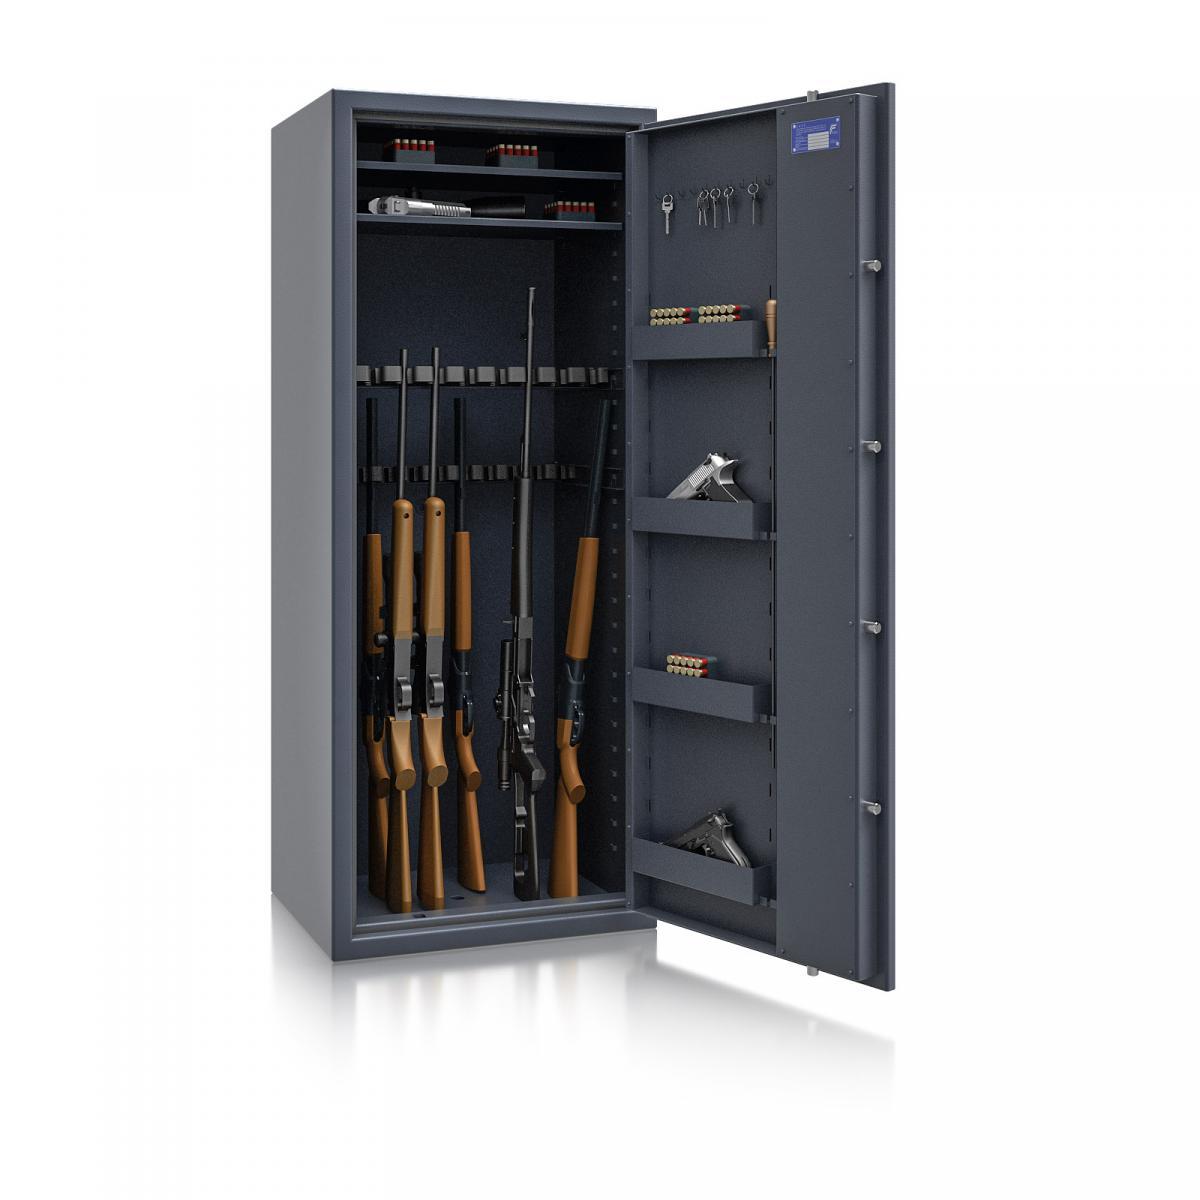 Waffenschrank Luzern WF MAX 4 - 1600x655x500 / 232kg 55634 / Klasse 0 / RAL7024 / Schlüssel / DIN R / ohne Trennw.